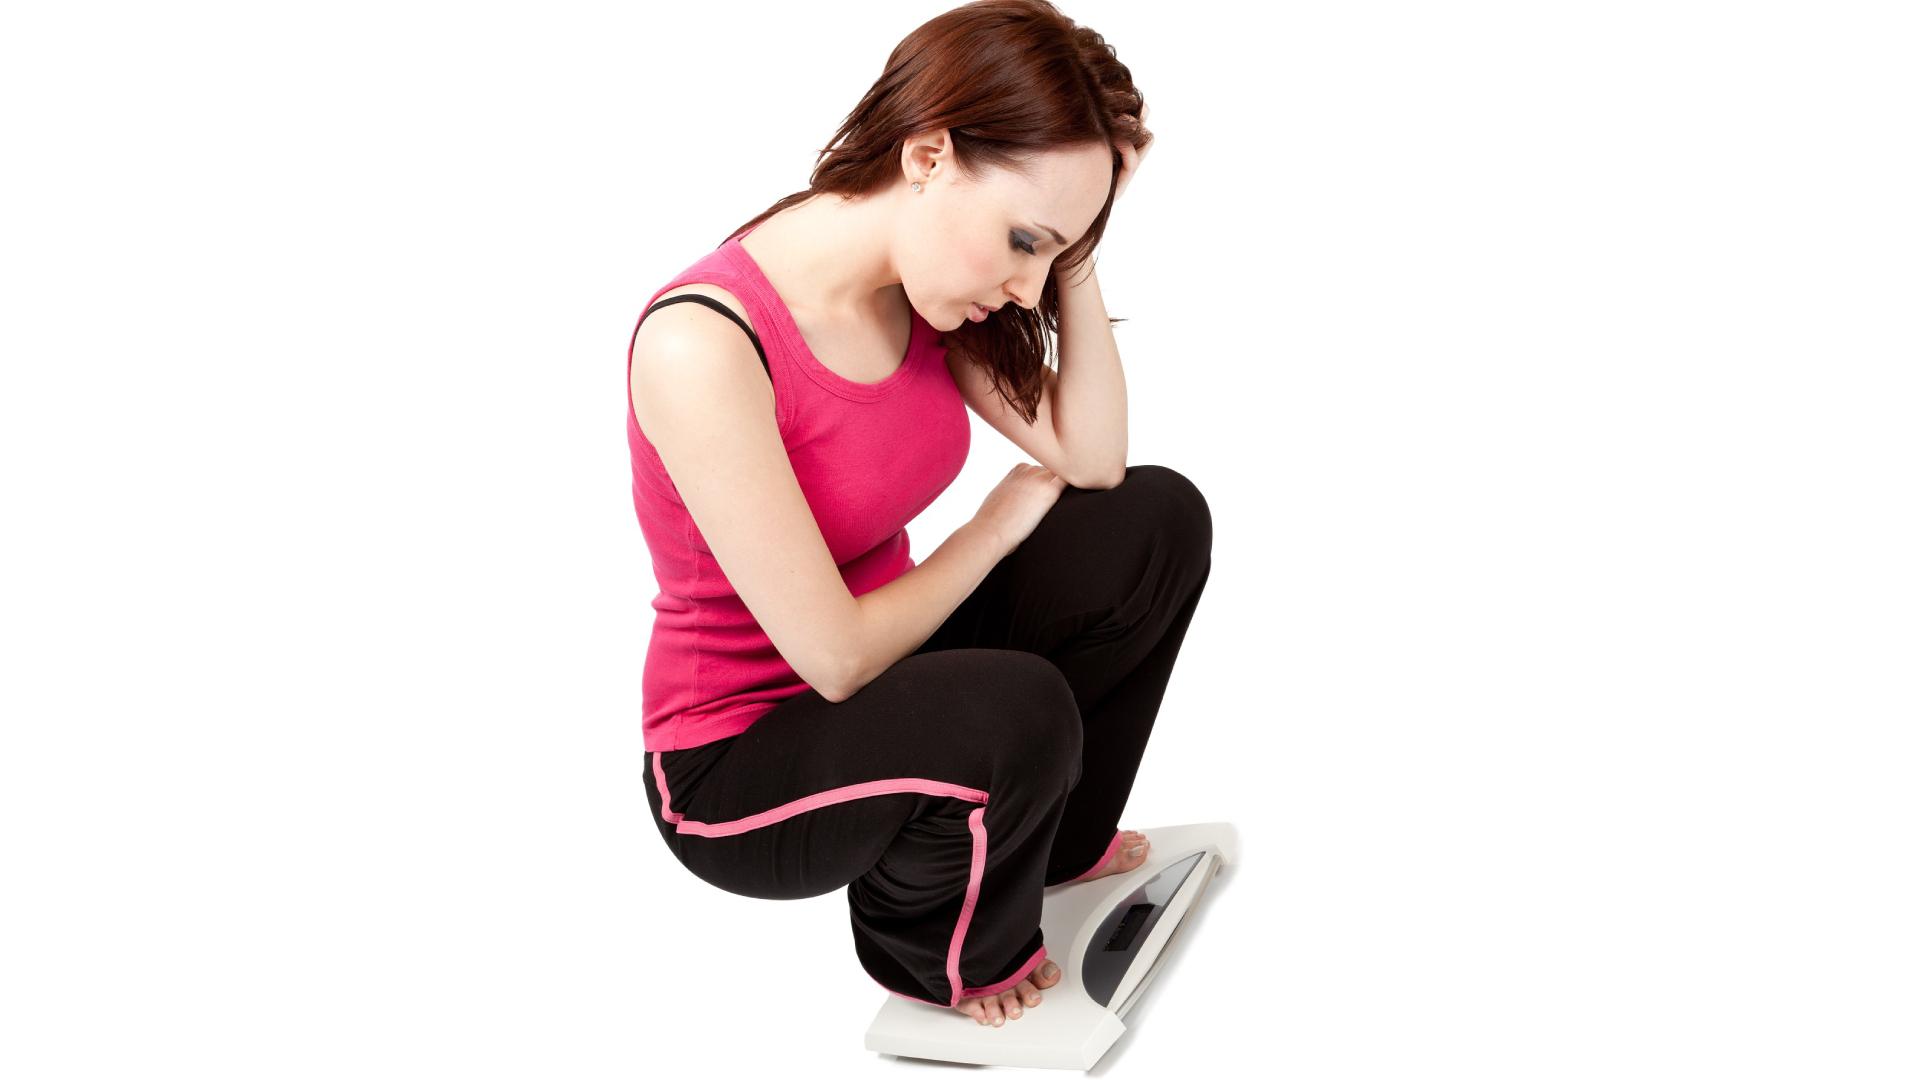 Health Tips: एक्सरसाइज और जिम के बाद भी वजन नहीं हो रहा है कम, तो फॉलो करें ये टिप्स